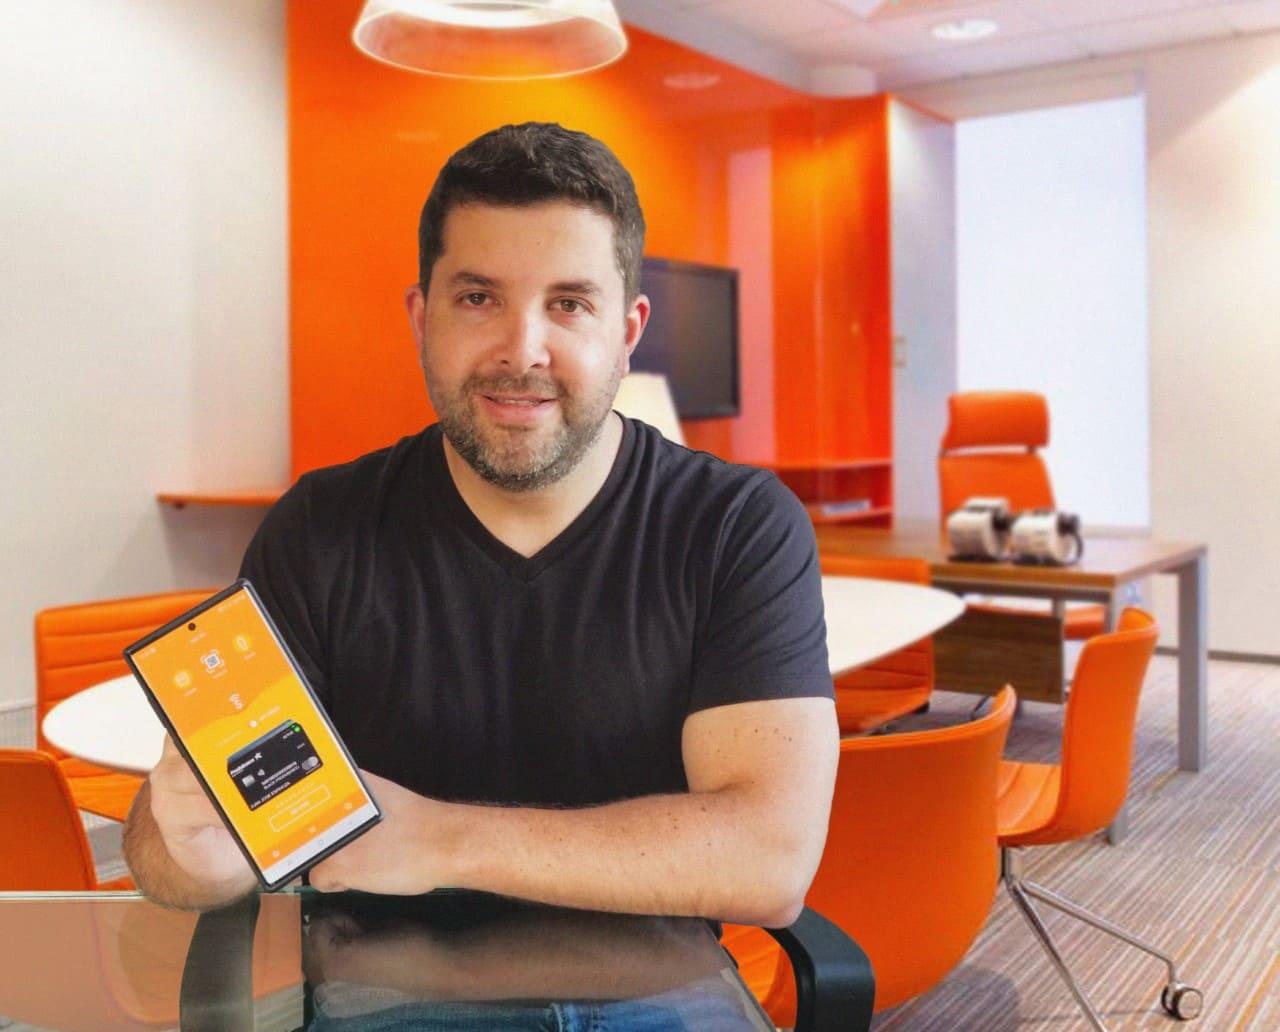 Payphone se actualiza a la versión 3.0 y se incorpora nuevas funciones